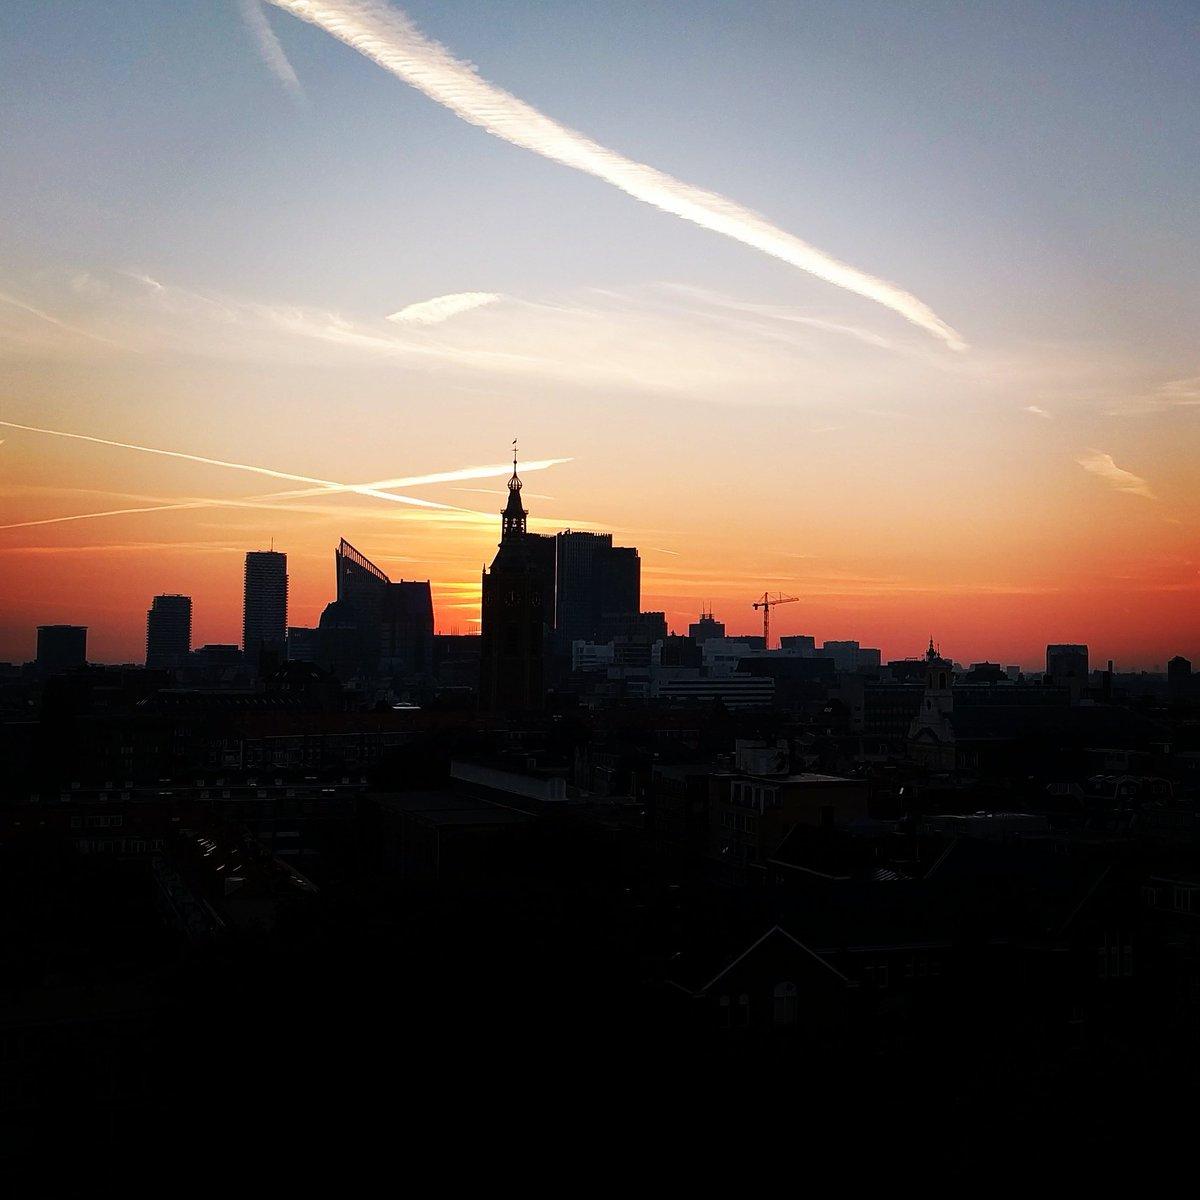 Gutten morgen! #sunrise #city #TheHague #DenHaag #skyline #morning  #Holland #Netherlands #Dutch #phonephotography https://t.co/pbzH01OBjF